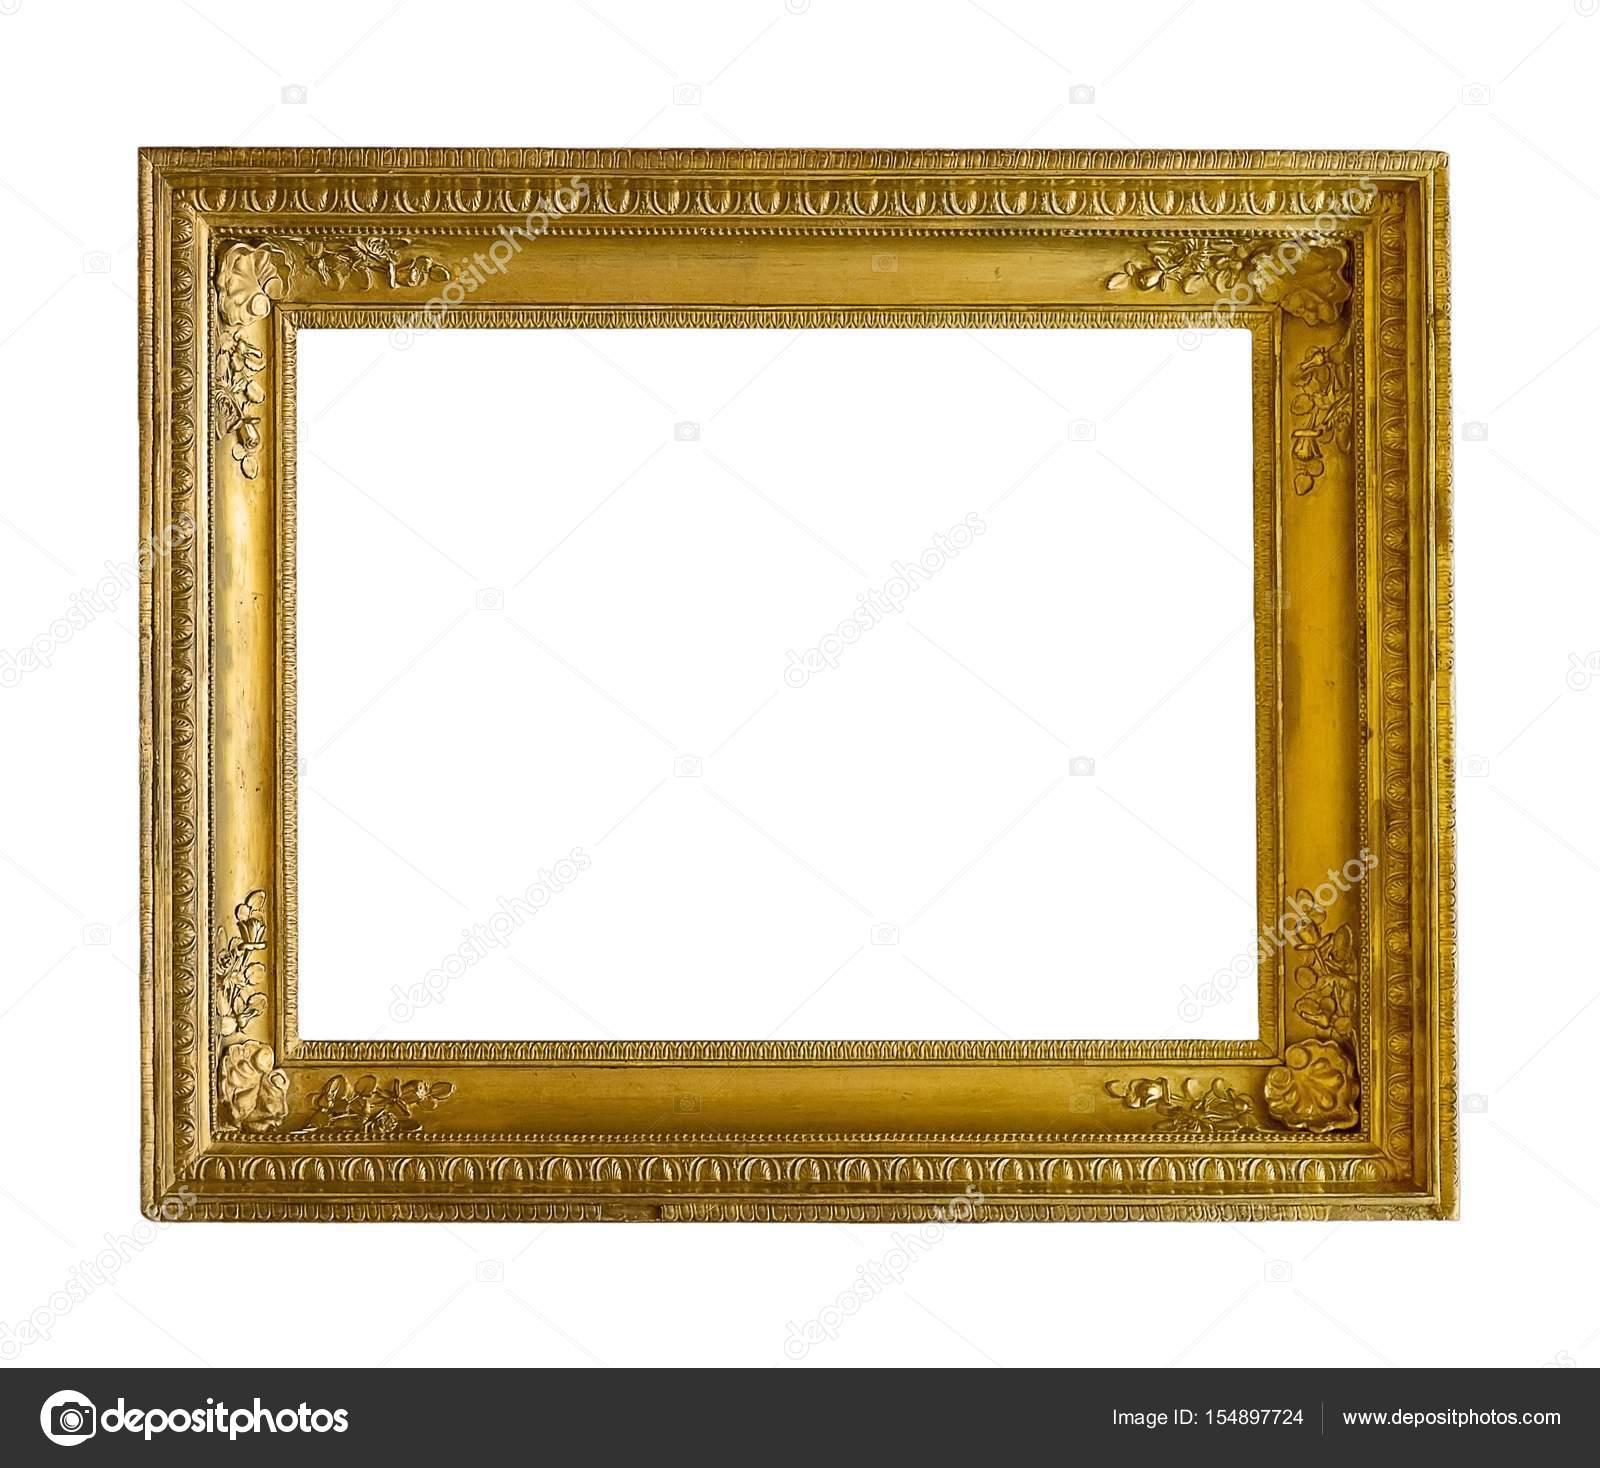 Marco dorado para cuadros, espejos o fotos — Fotos de Stock ...